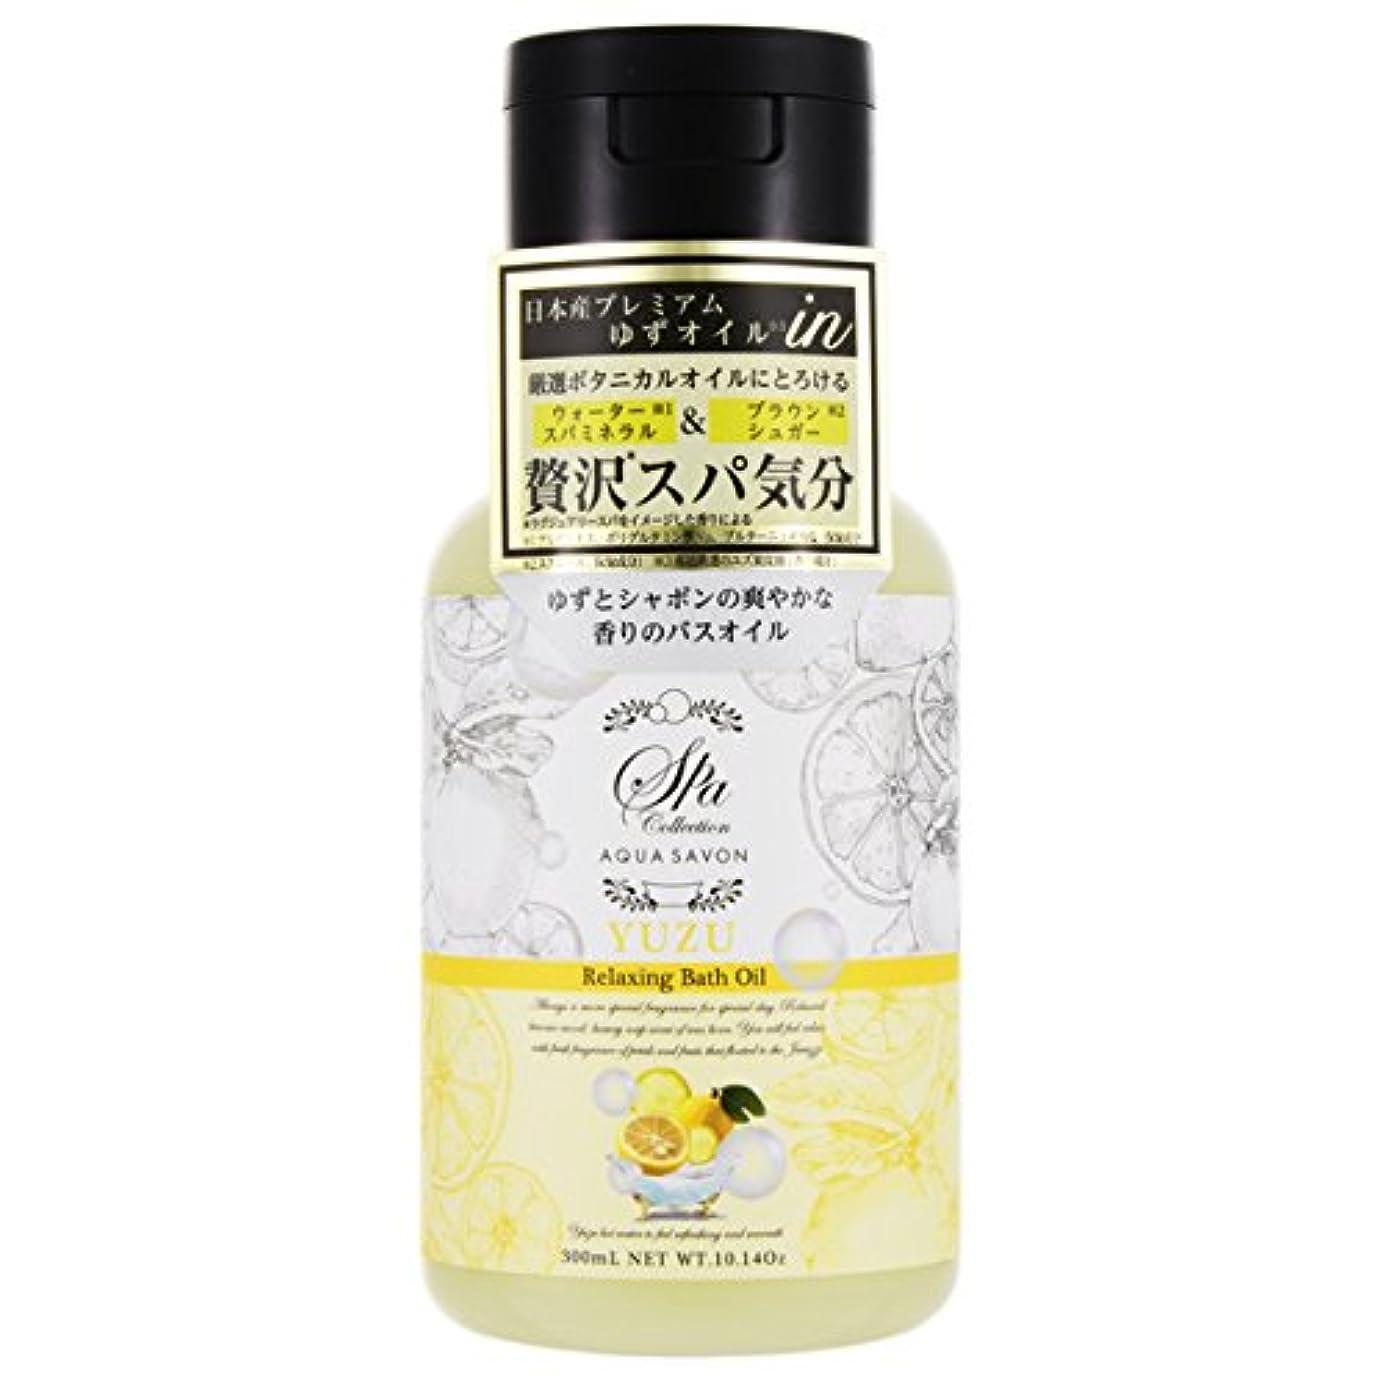 シャープ隠幾分アクアシャボン スパコレクション リラクシングバスオイル ゆずスパの香り 300ml 【アクアシャボン】